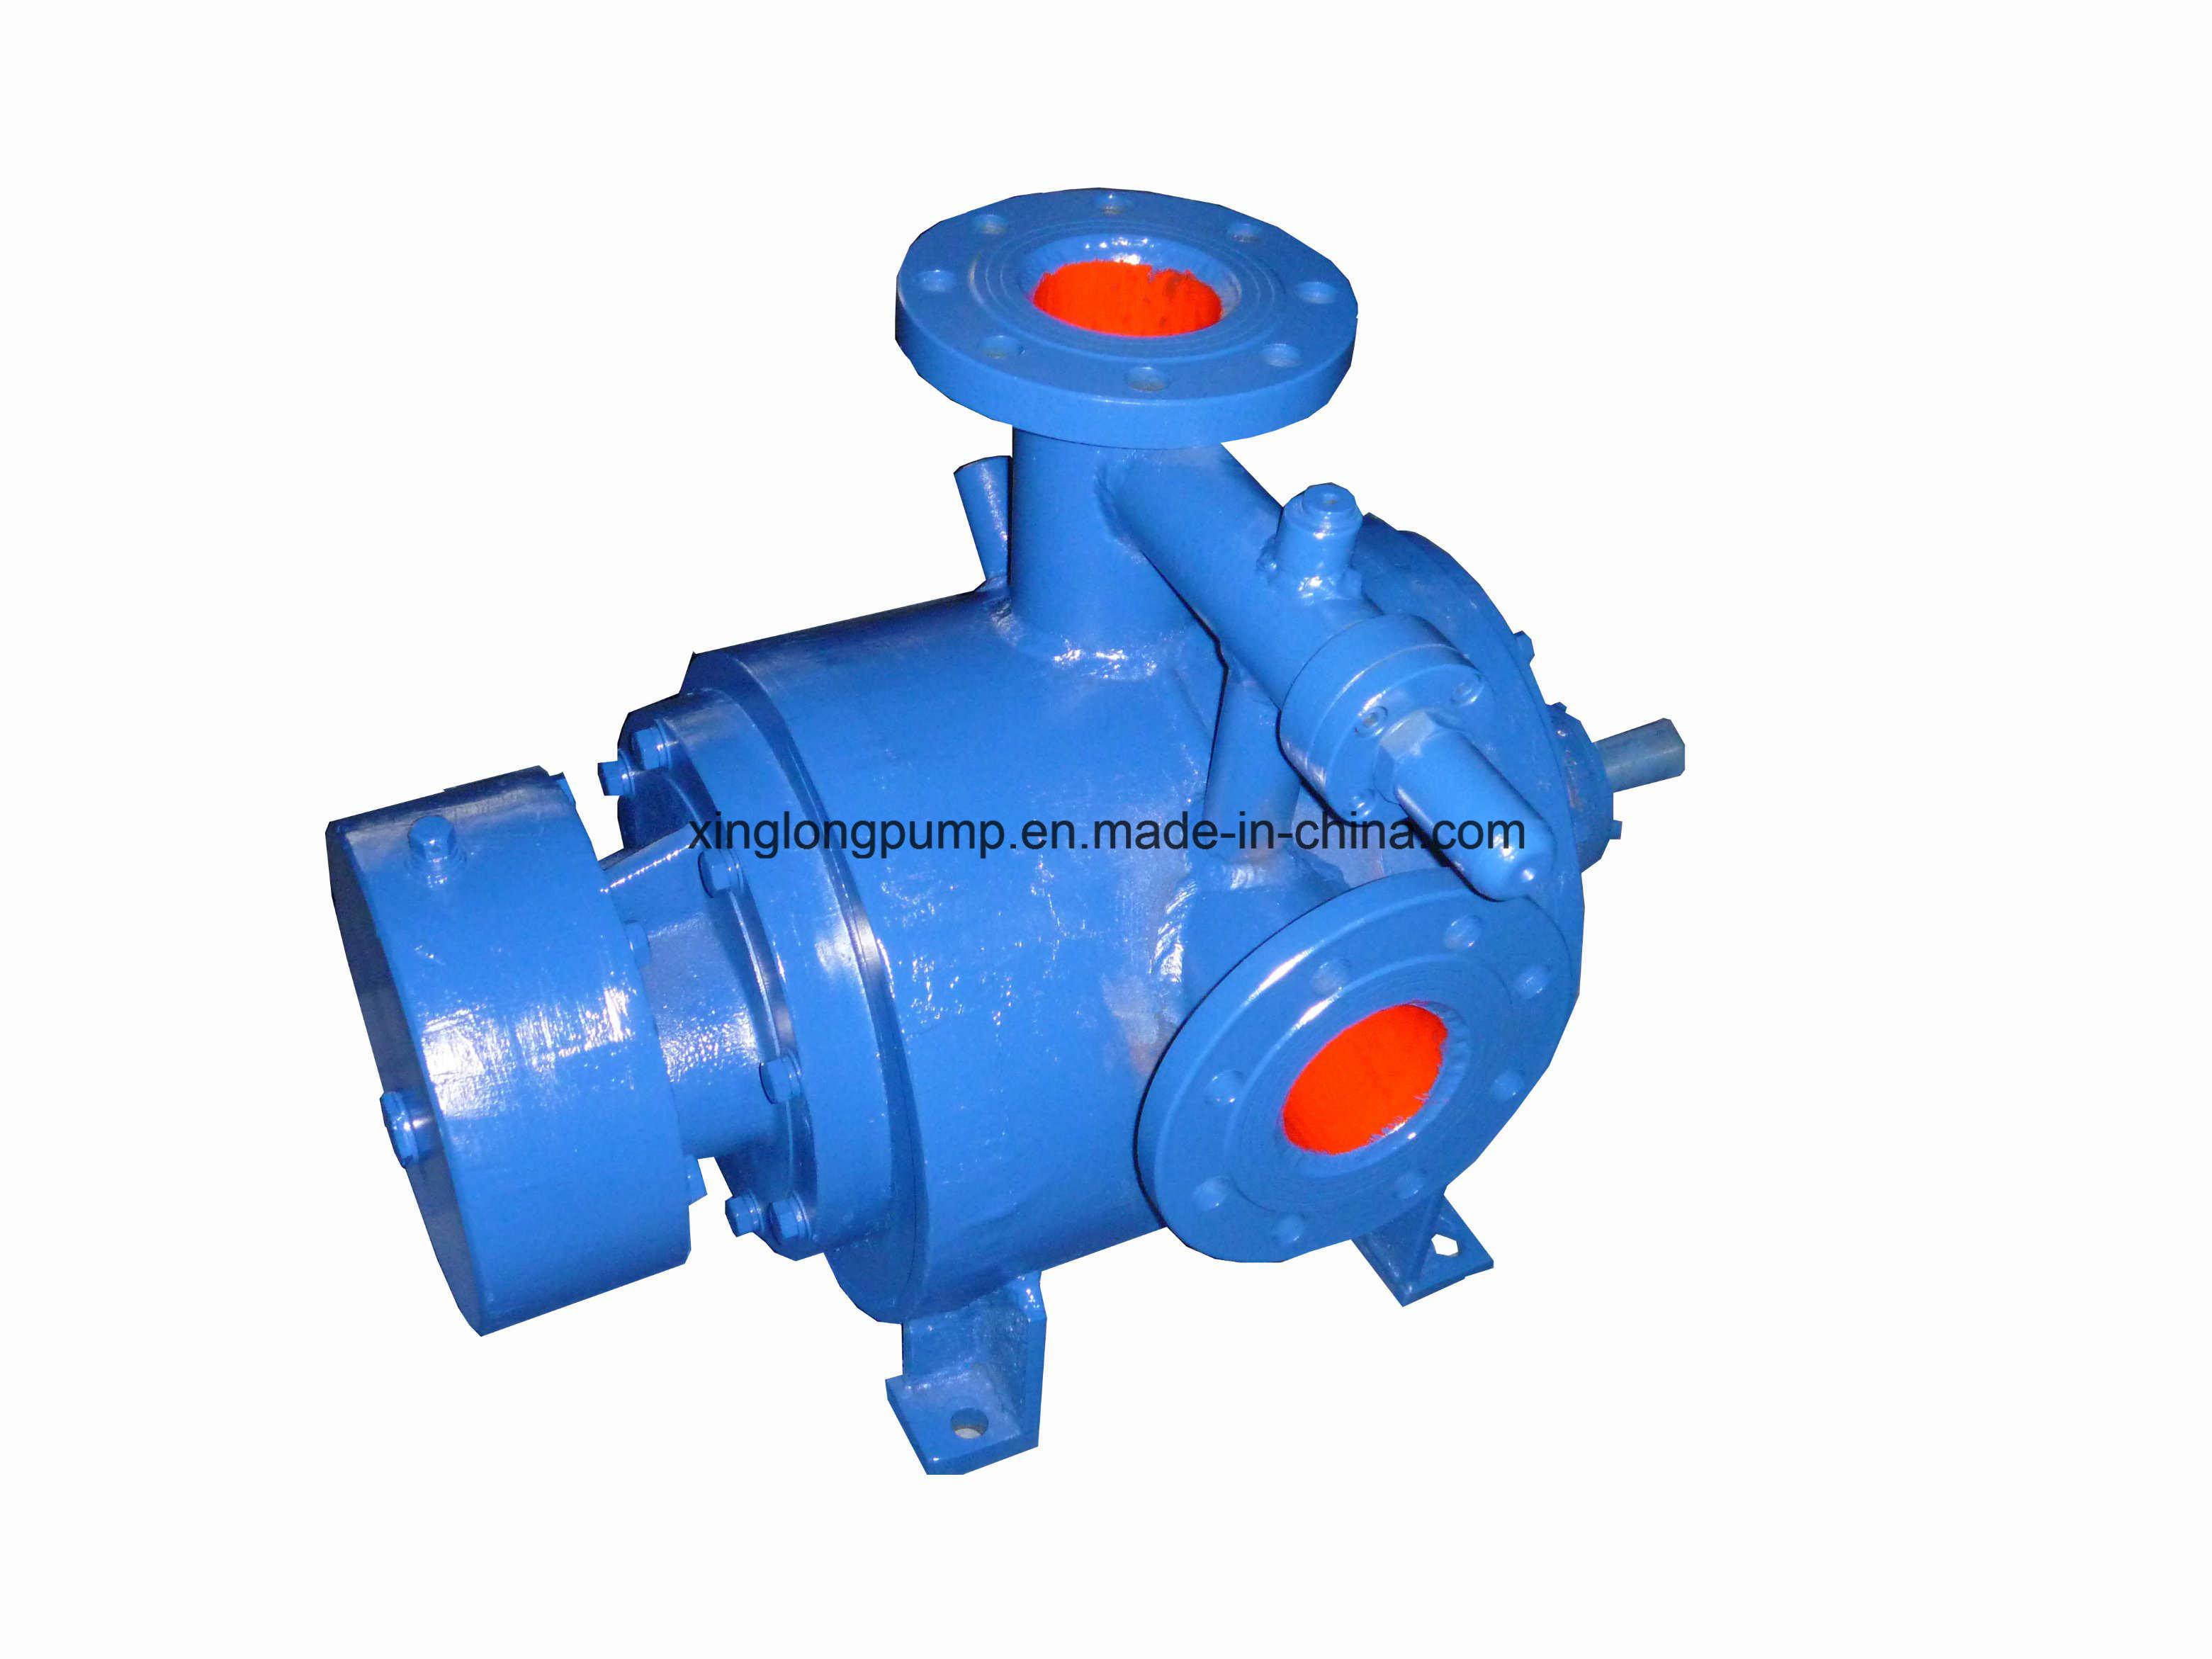 Xinglong Horizontal Double Screw Pumps for Viscous Liquid